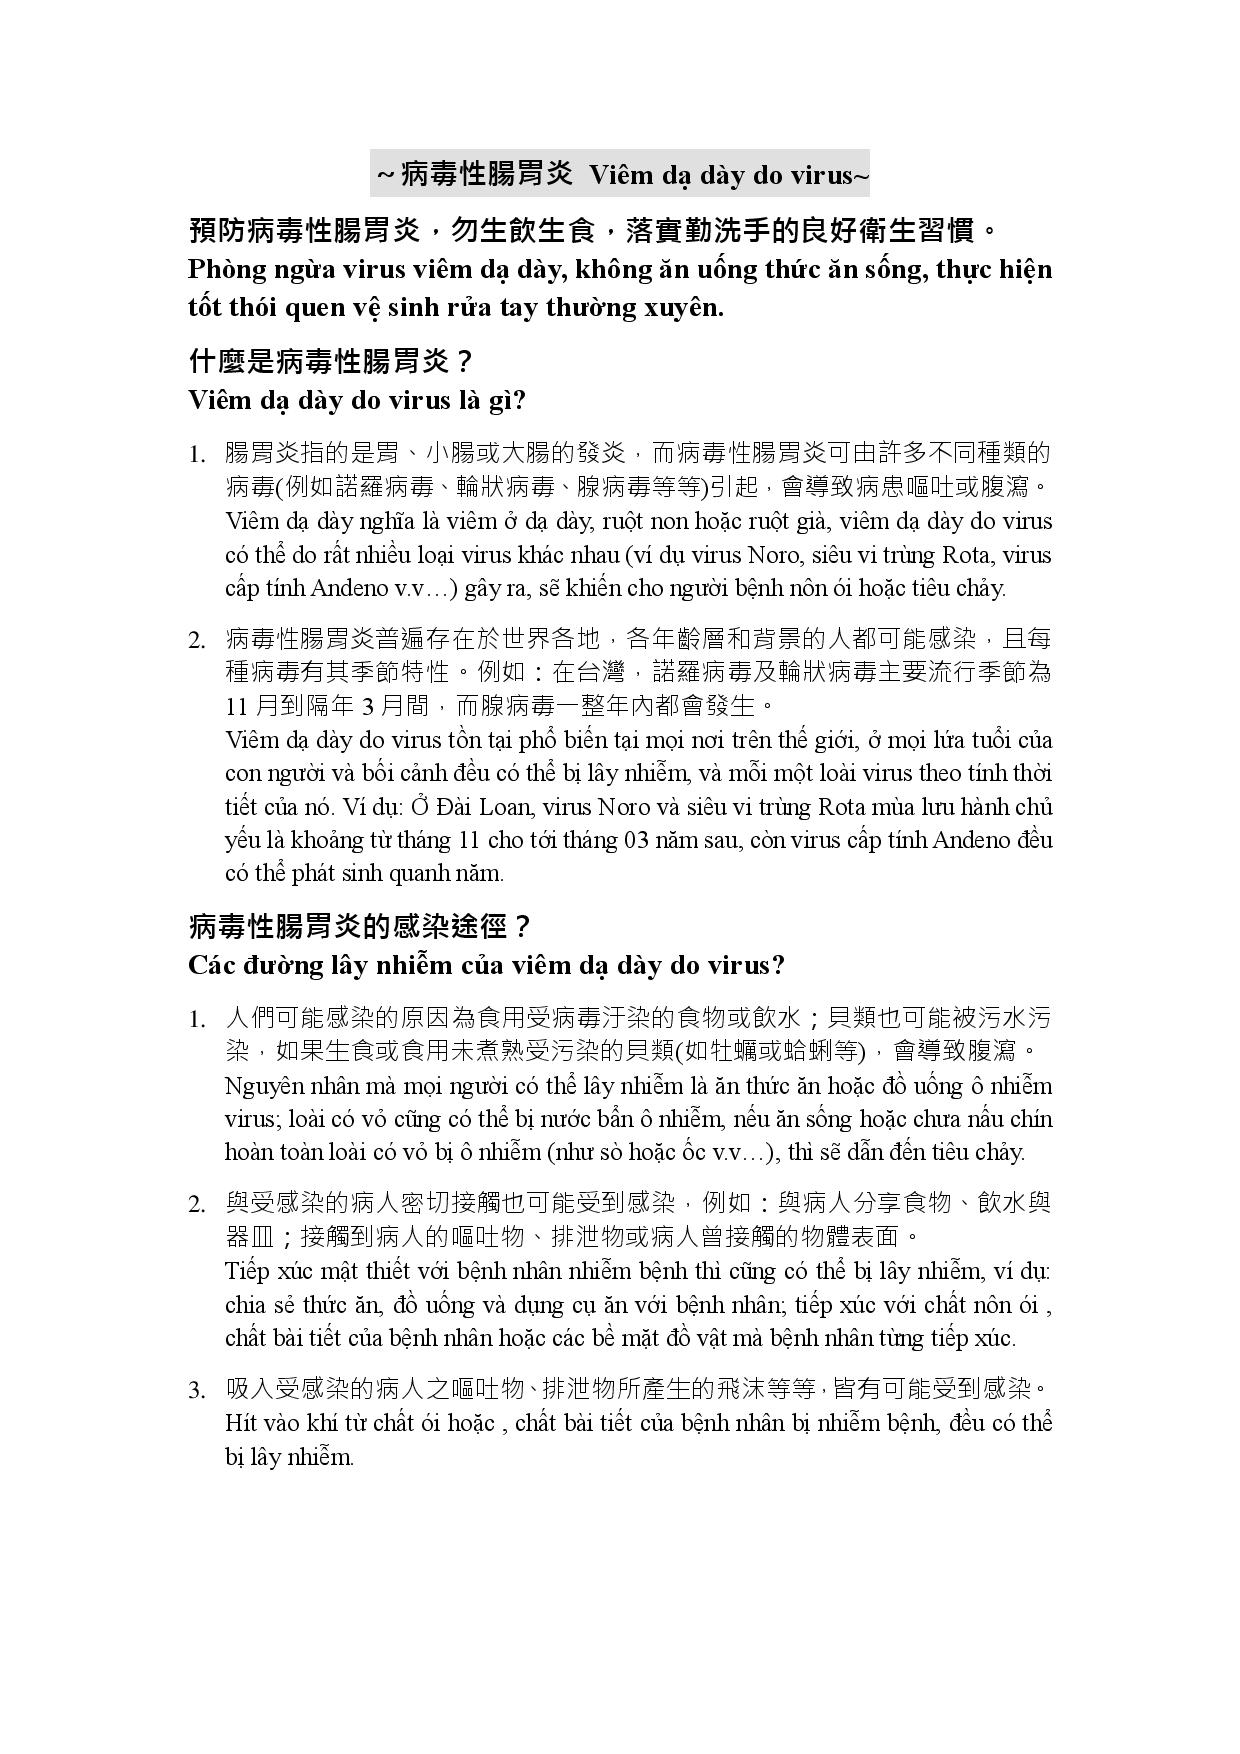 詳如附件【nhấp vào đây】Phòng ngừa virus viêm dạ dày(Trang 2)預防病毒性腸胃炎(越文)